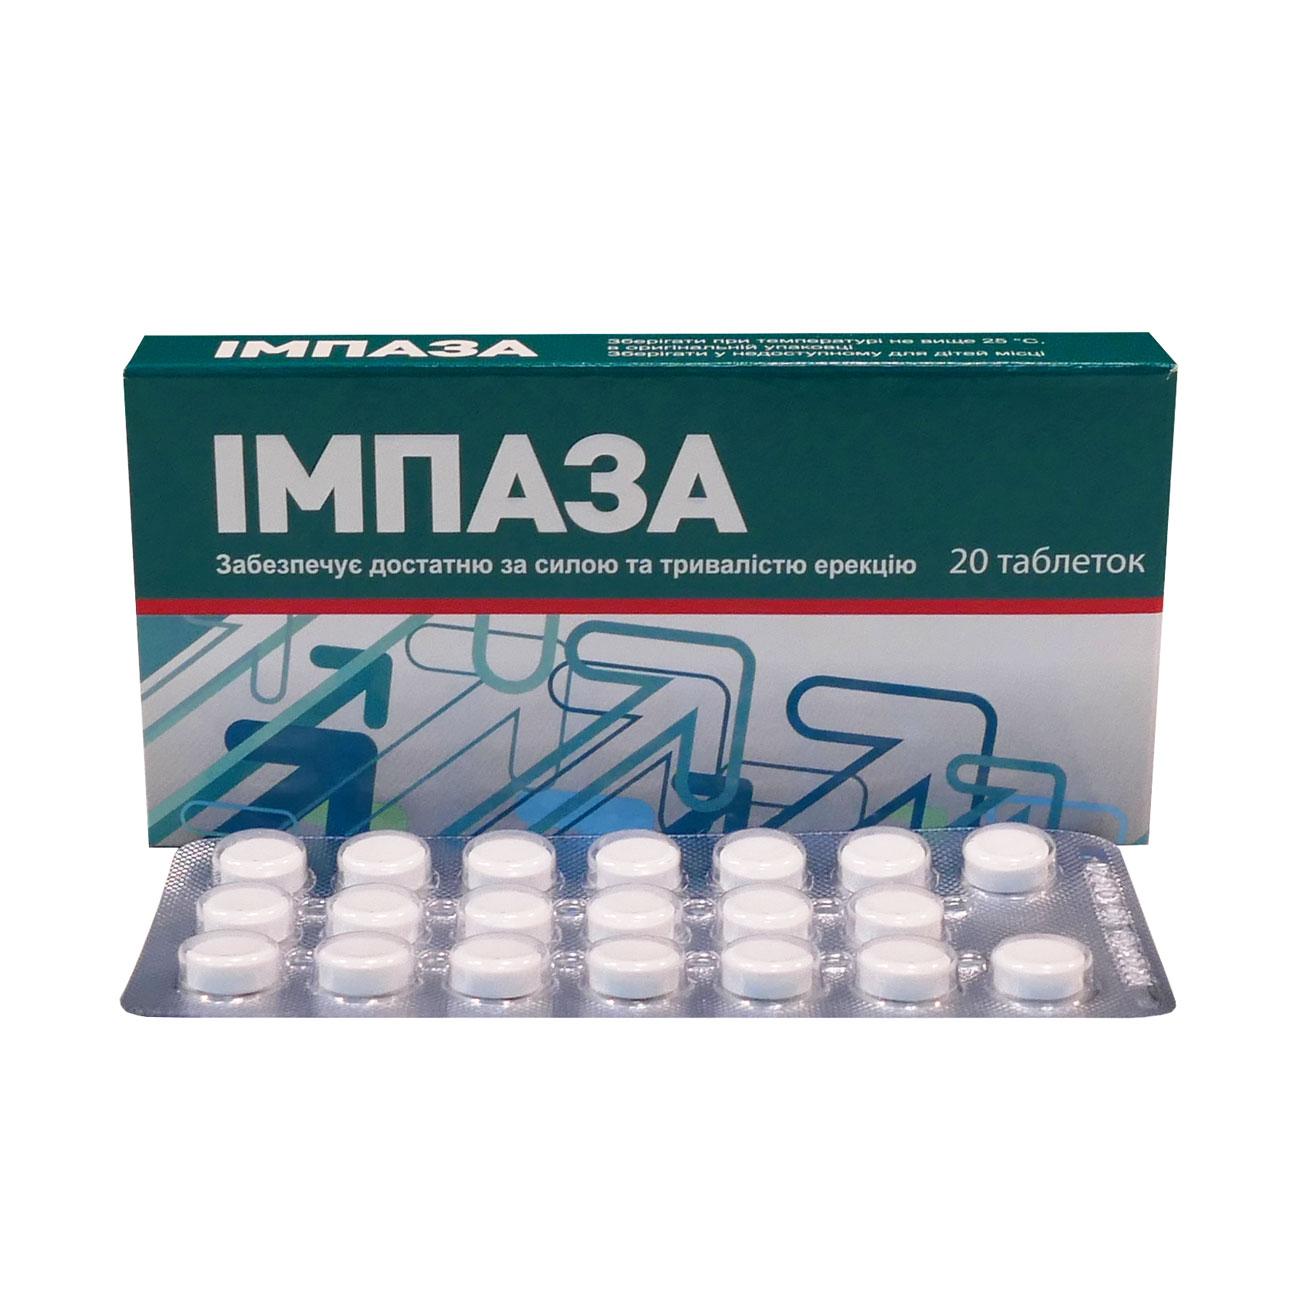 Импаза — инструкция по применению для мужчин